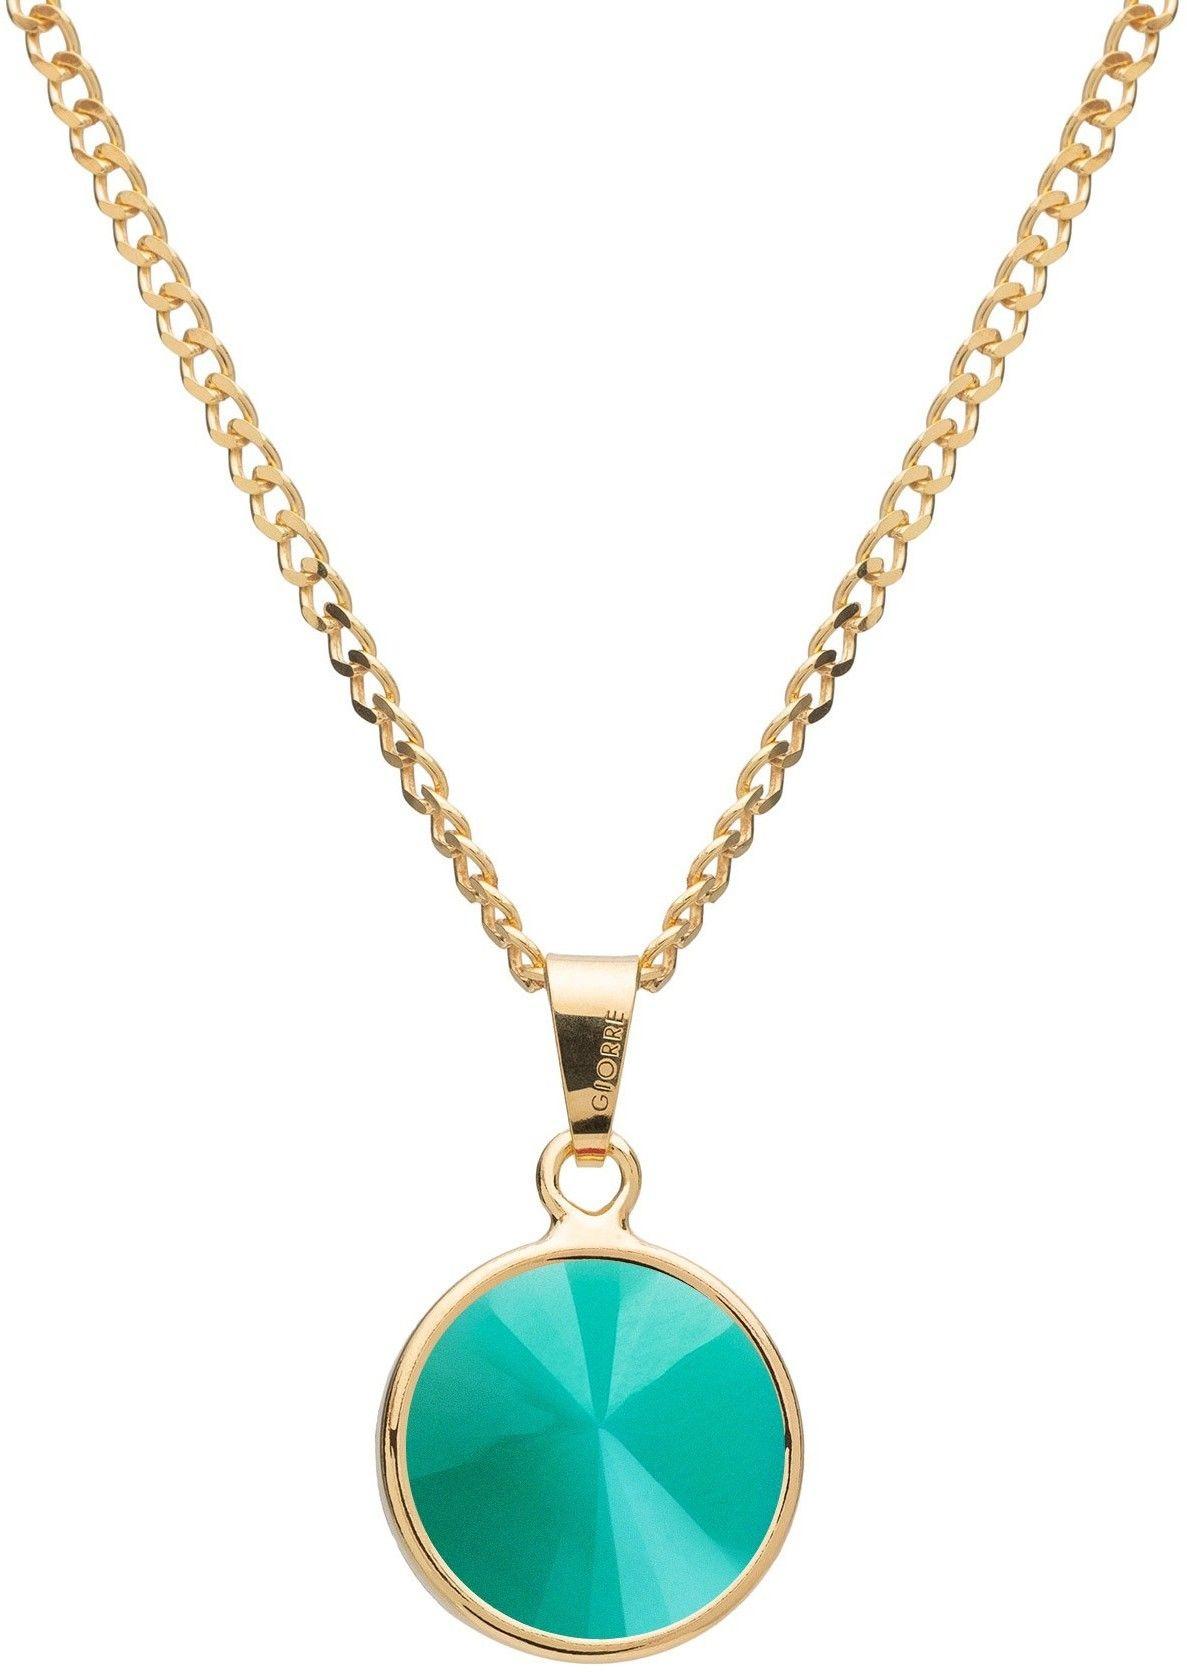 Srebrny naszyjnik z naturalnym kamieniem - jadeit, srebro 925 : Długość (cm) - 40 + 5 , Kamienie naturalne - kolor - jadeit zielony jasny, Srebro - kolor pokrycia - Pokrycie żółtym 18K złotem